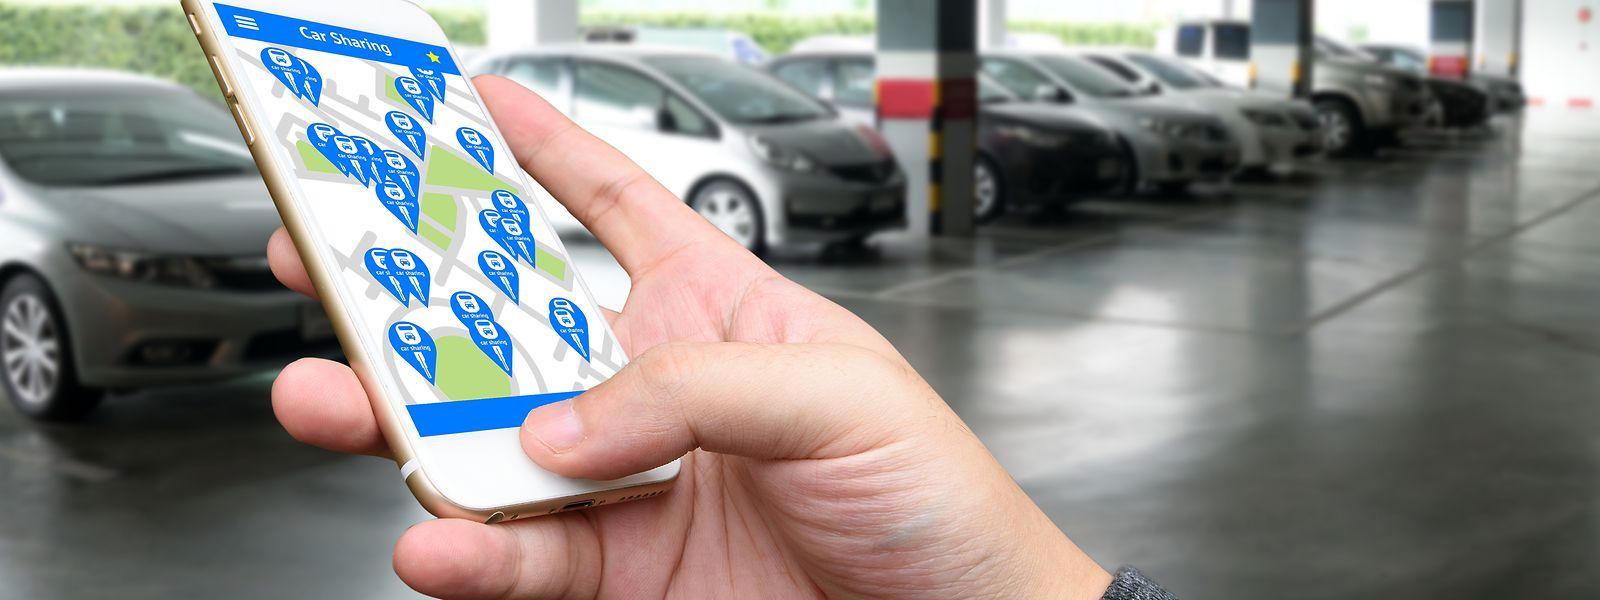 Les résidents plébiscitent la digitalisation des moyens de mobilité, selon la dernière étude du TNS-Ilres.